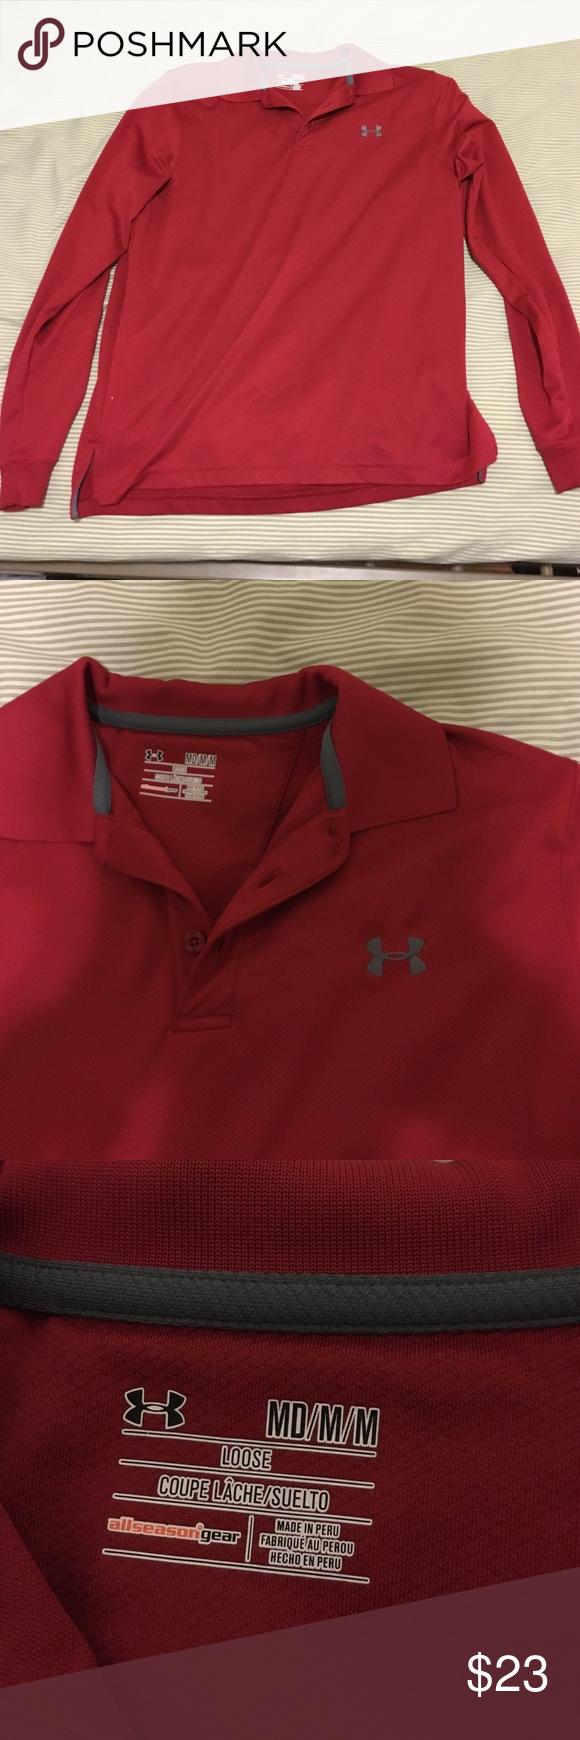 RED UNDERARMOUR LONGSLEEVE DRESS SHIRT Has never been worn Under Armour Shirts Dress Shirts